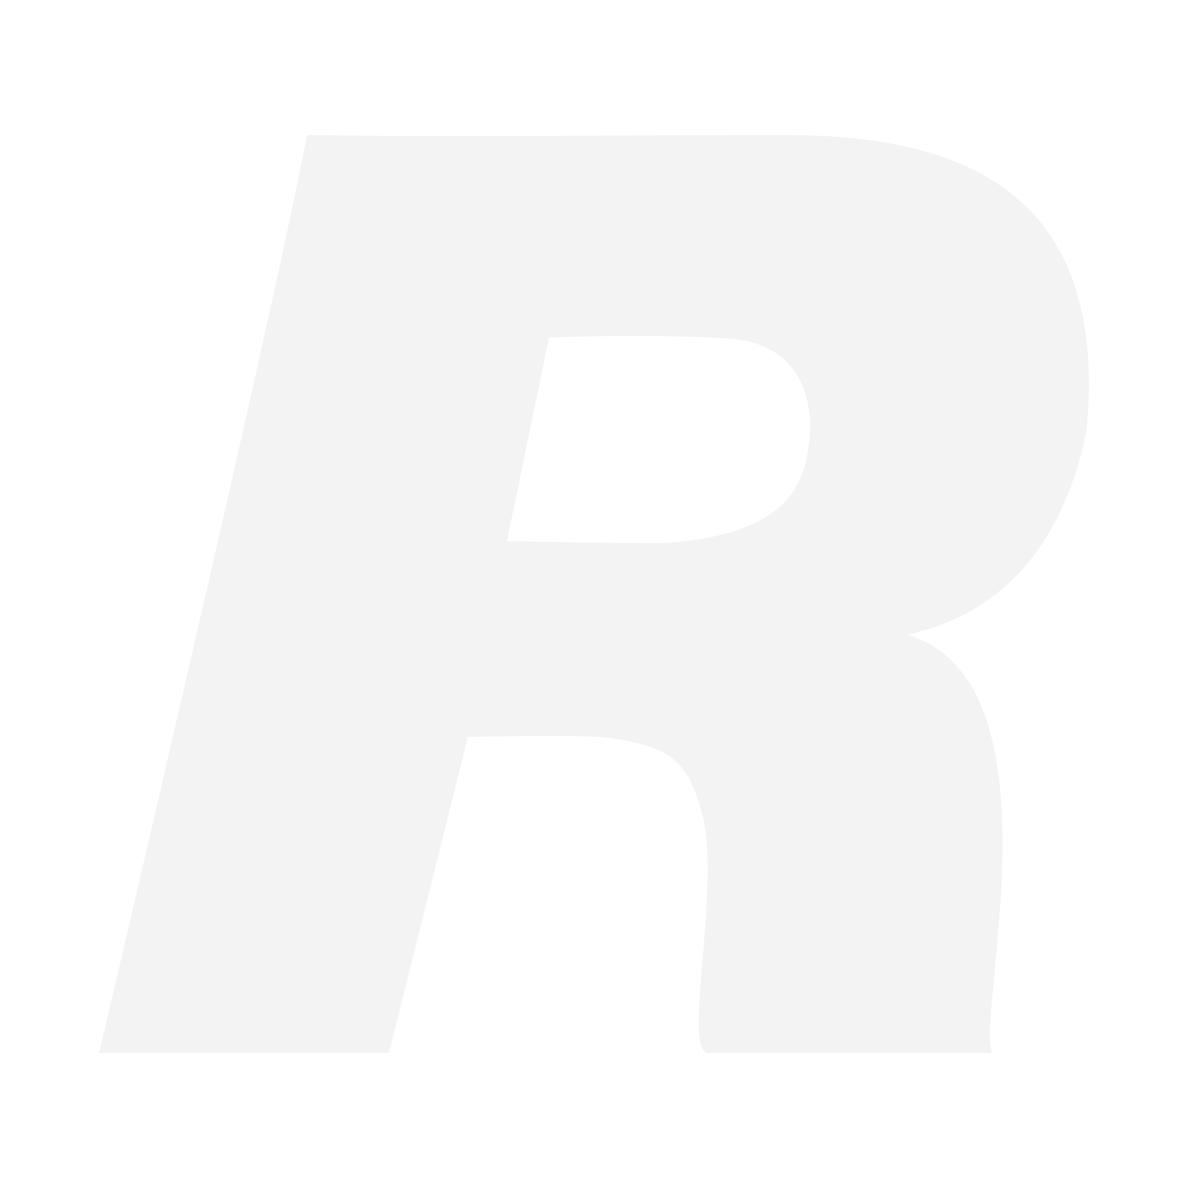 Zeiss Touit 12mm f/2.8 -objektiivi, Fuji X